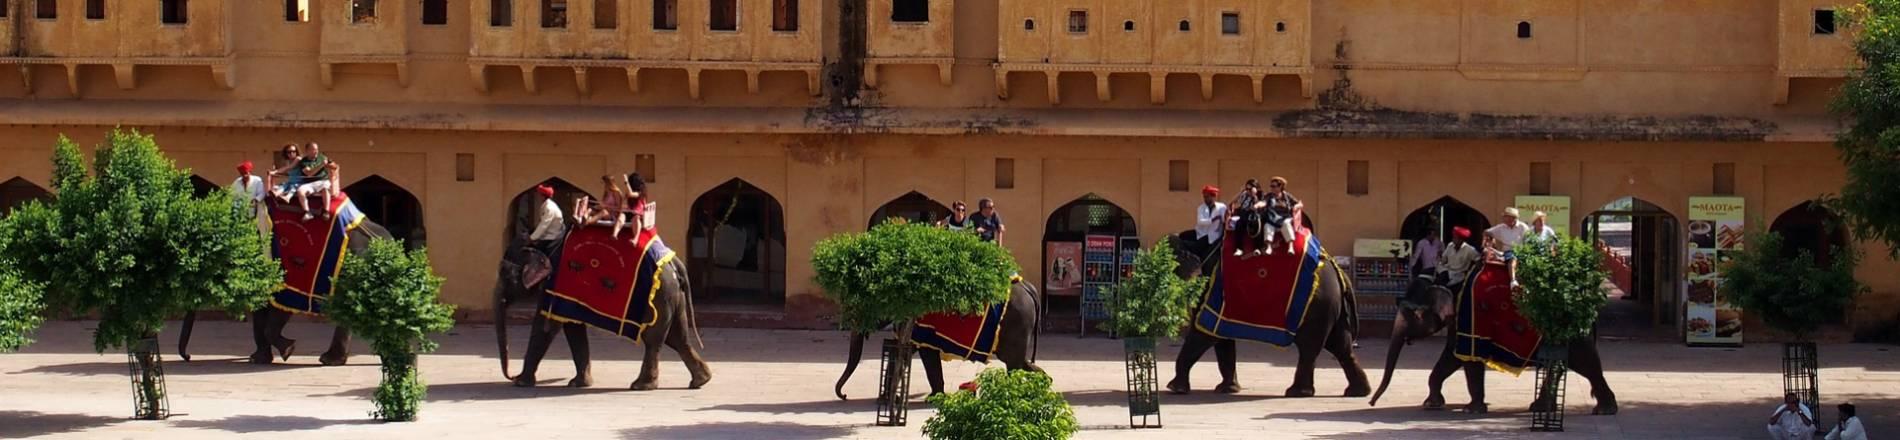 kršćanska mjesta za upoznavanje Indija